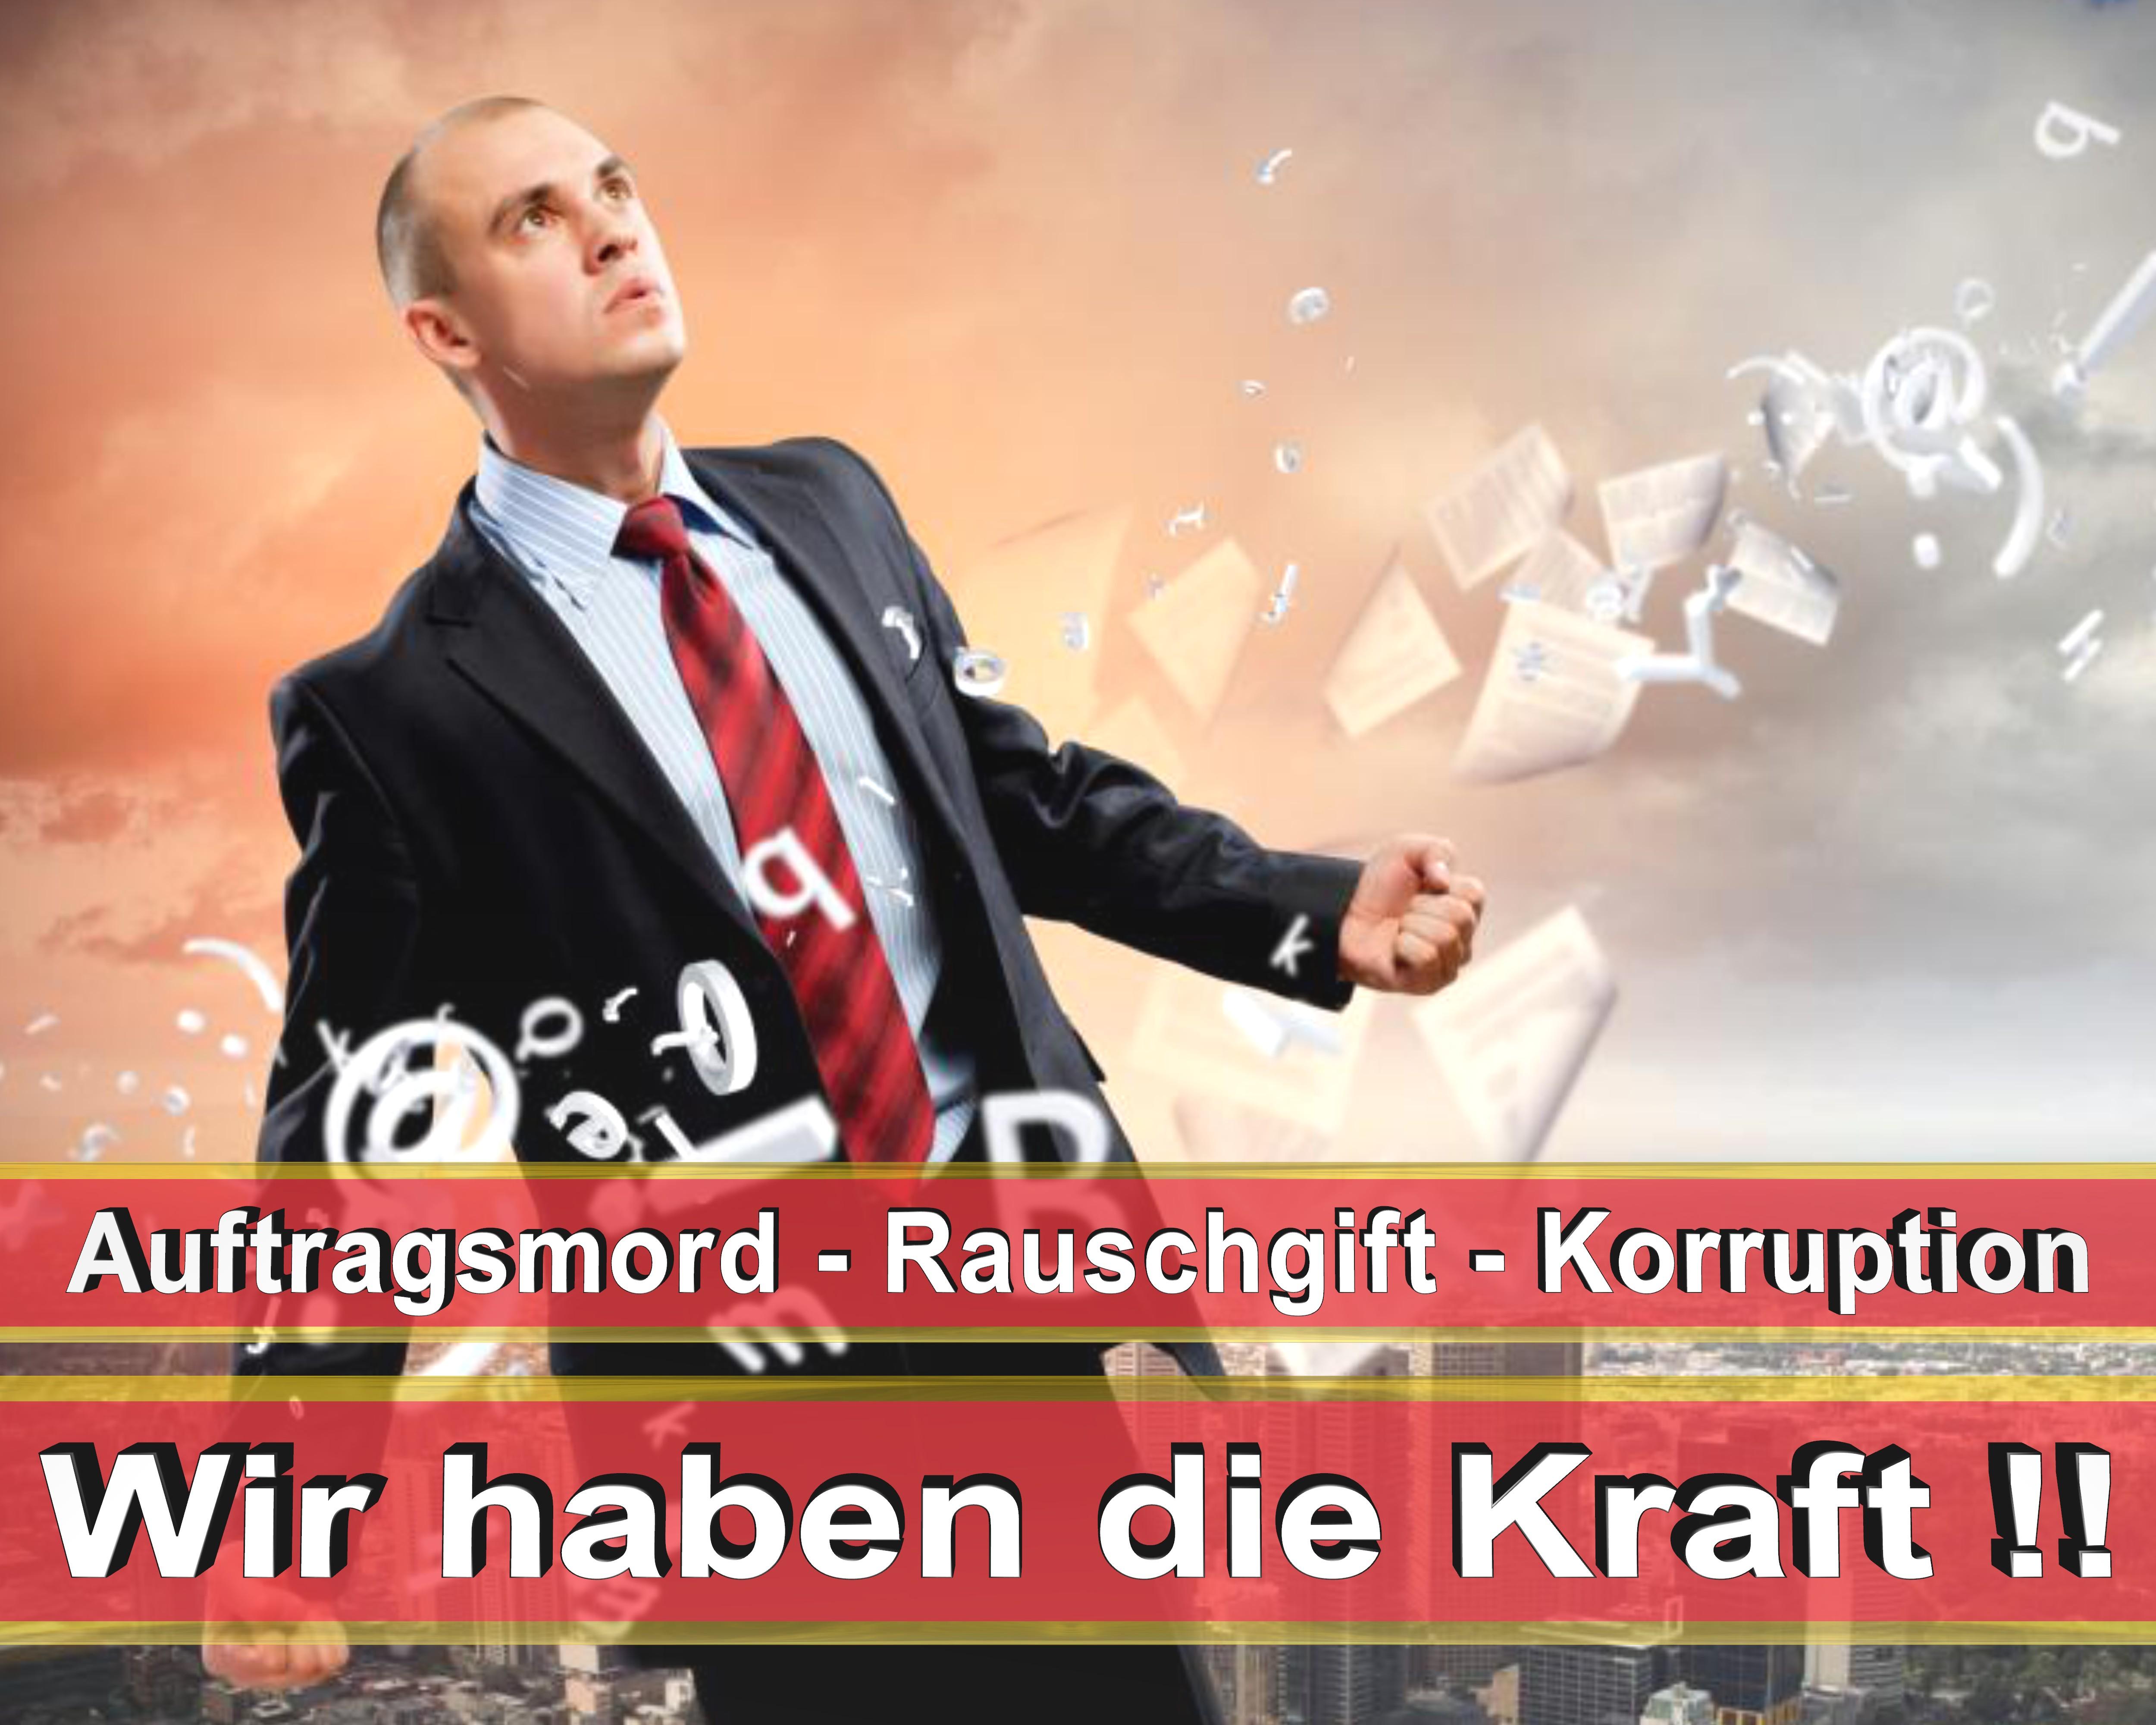 Bundestagswahl 2017 Wahlplakate CDU SPD FDP AFD NPD Angela Merkel Frauke Petry (4)